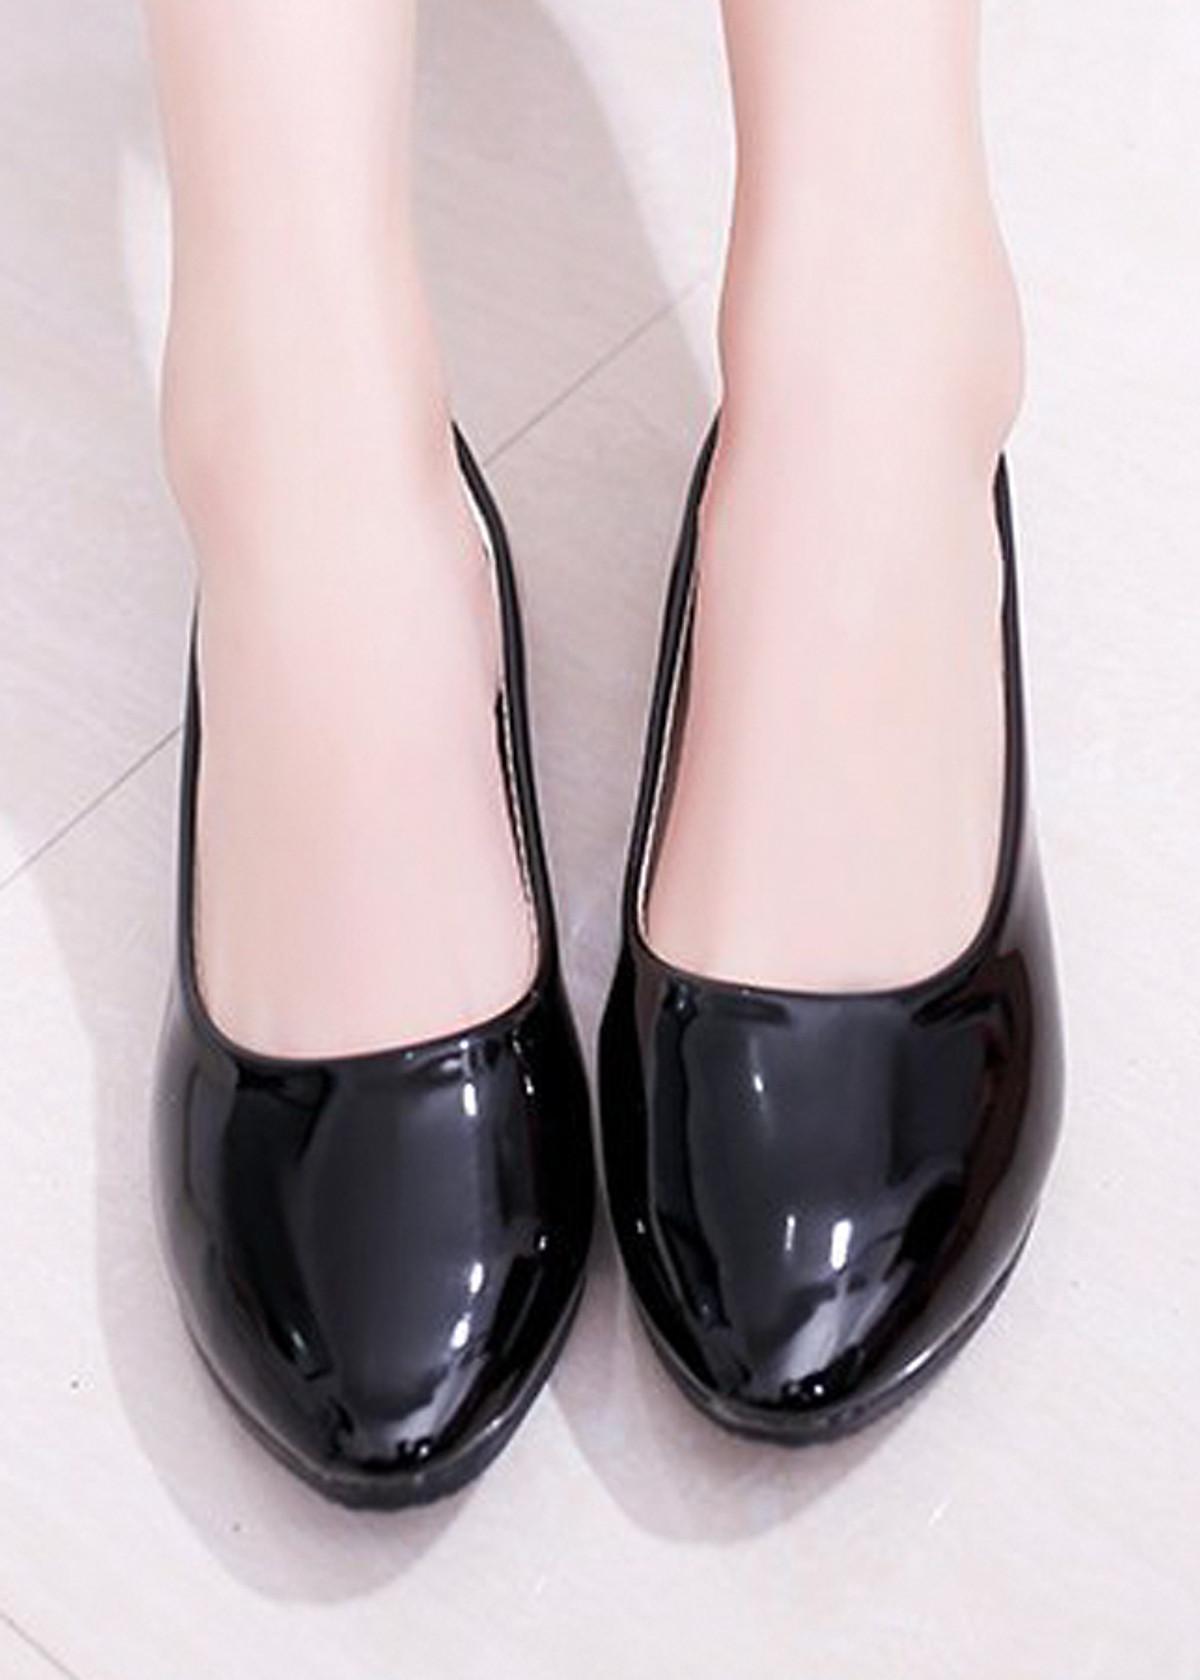 Giày búp bê da bóng mềm không đau chân , dáng chuẩn 96309 54